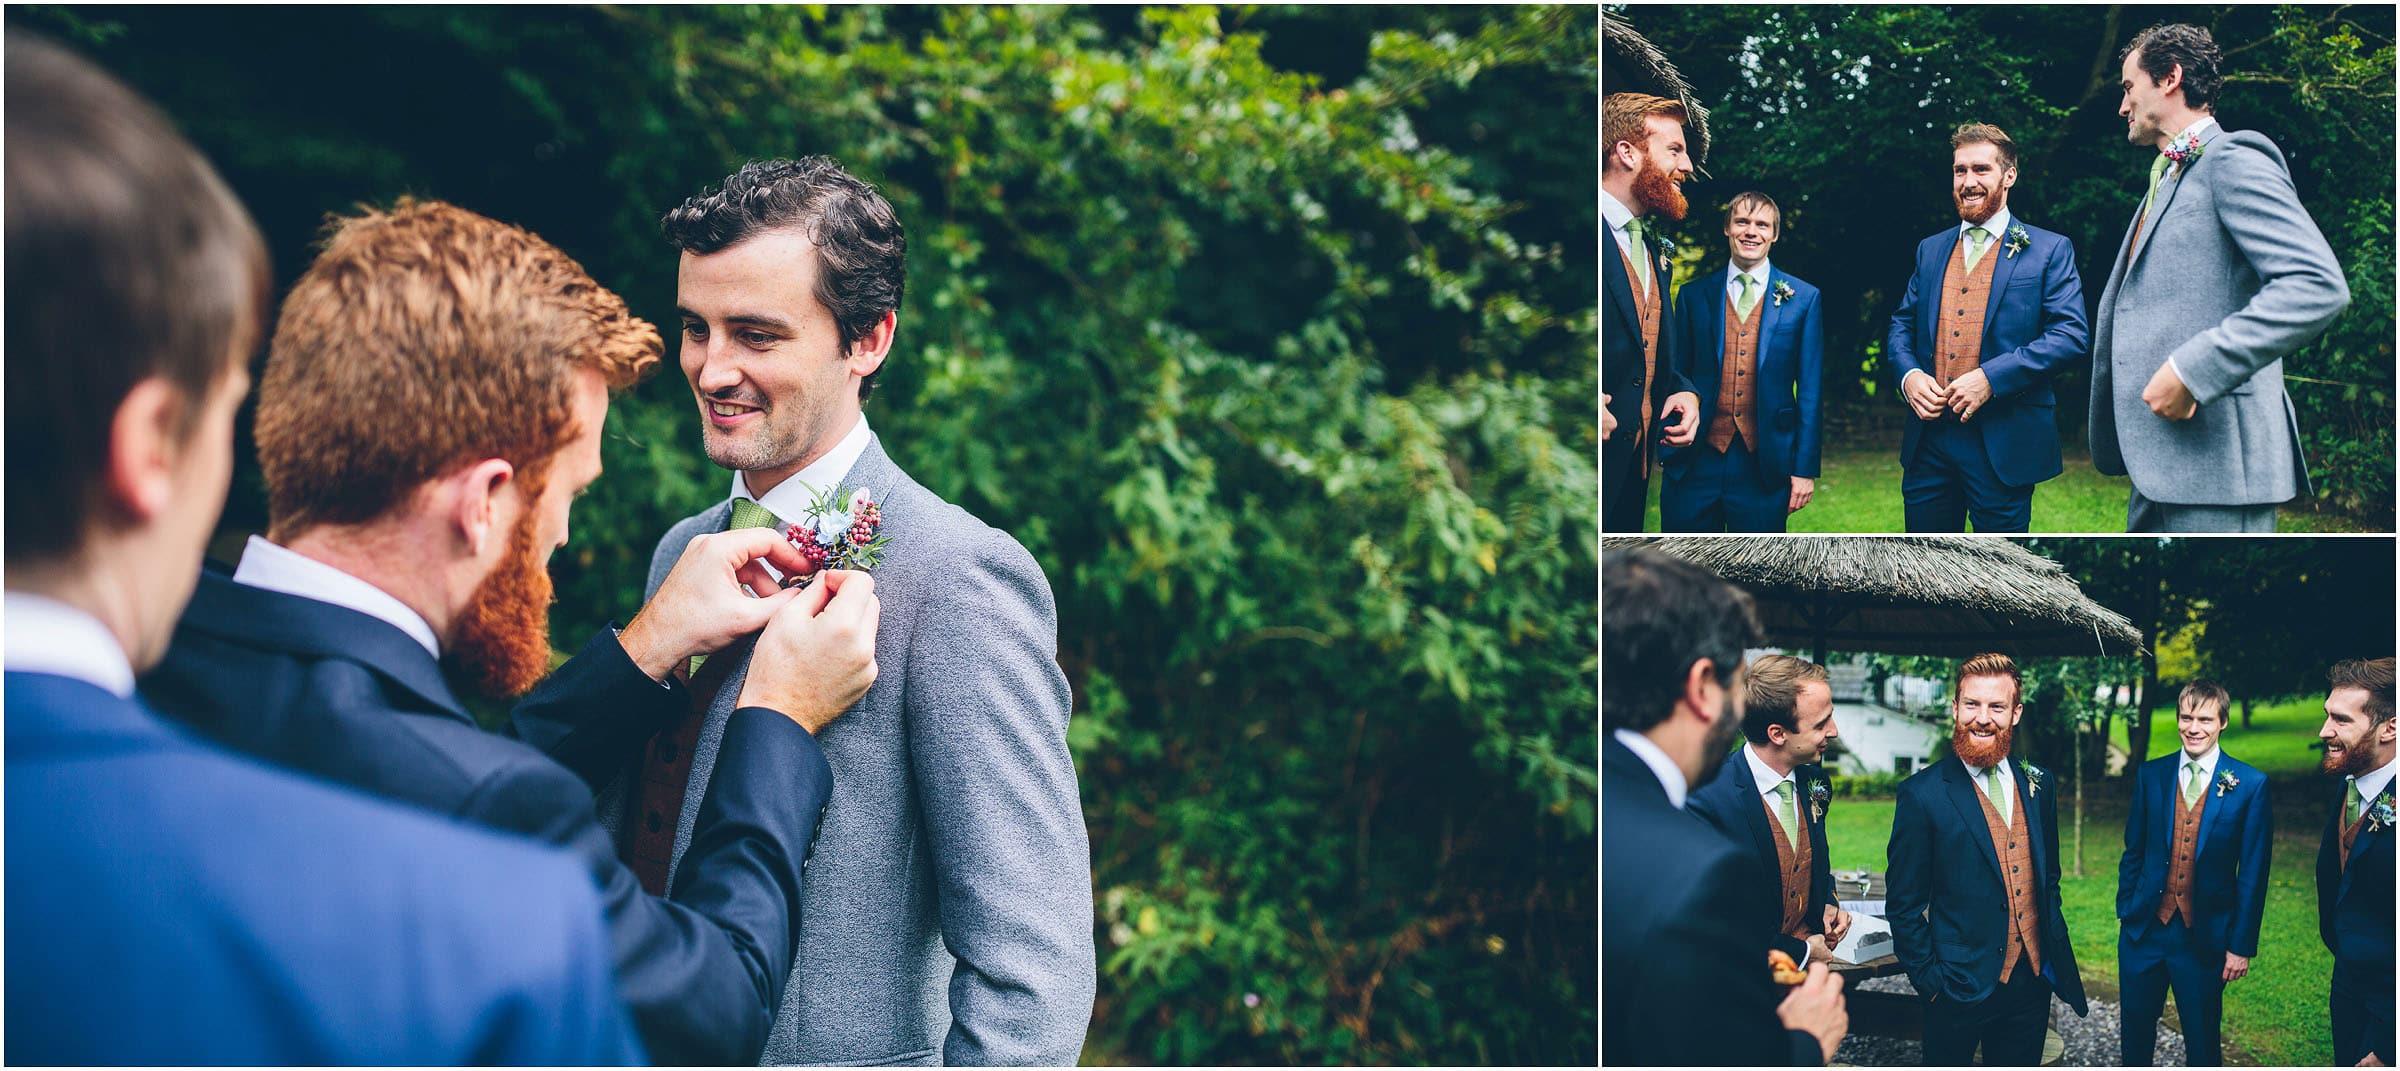 Harthill_Weddings_Wedding_Photography_0015